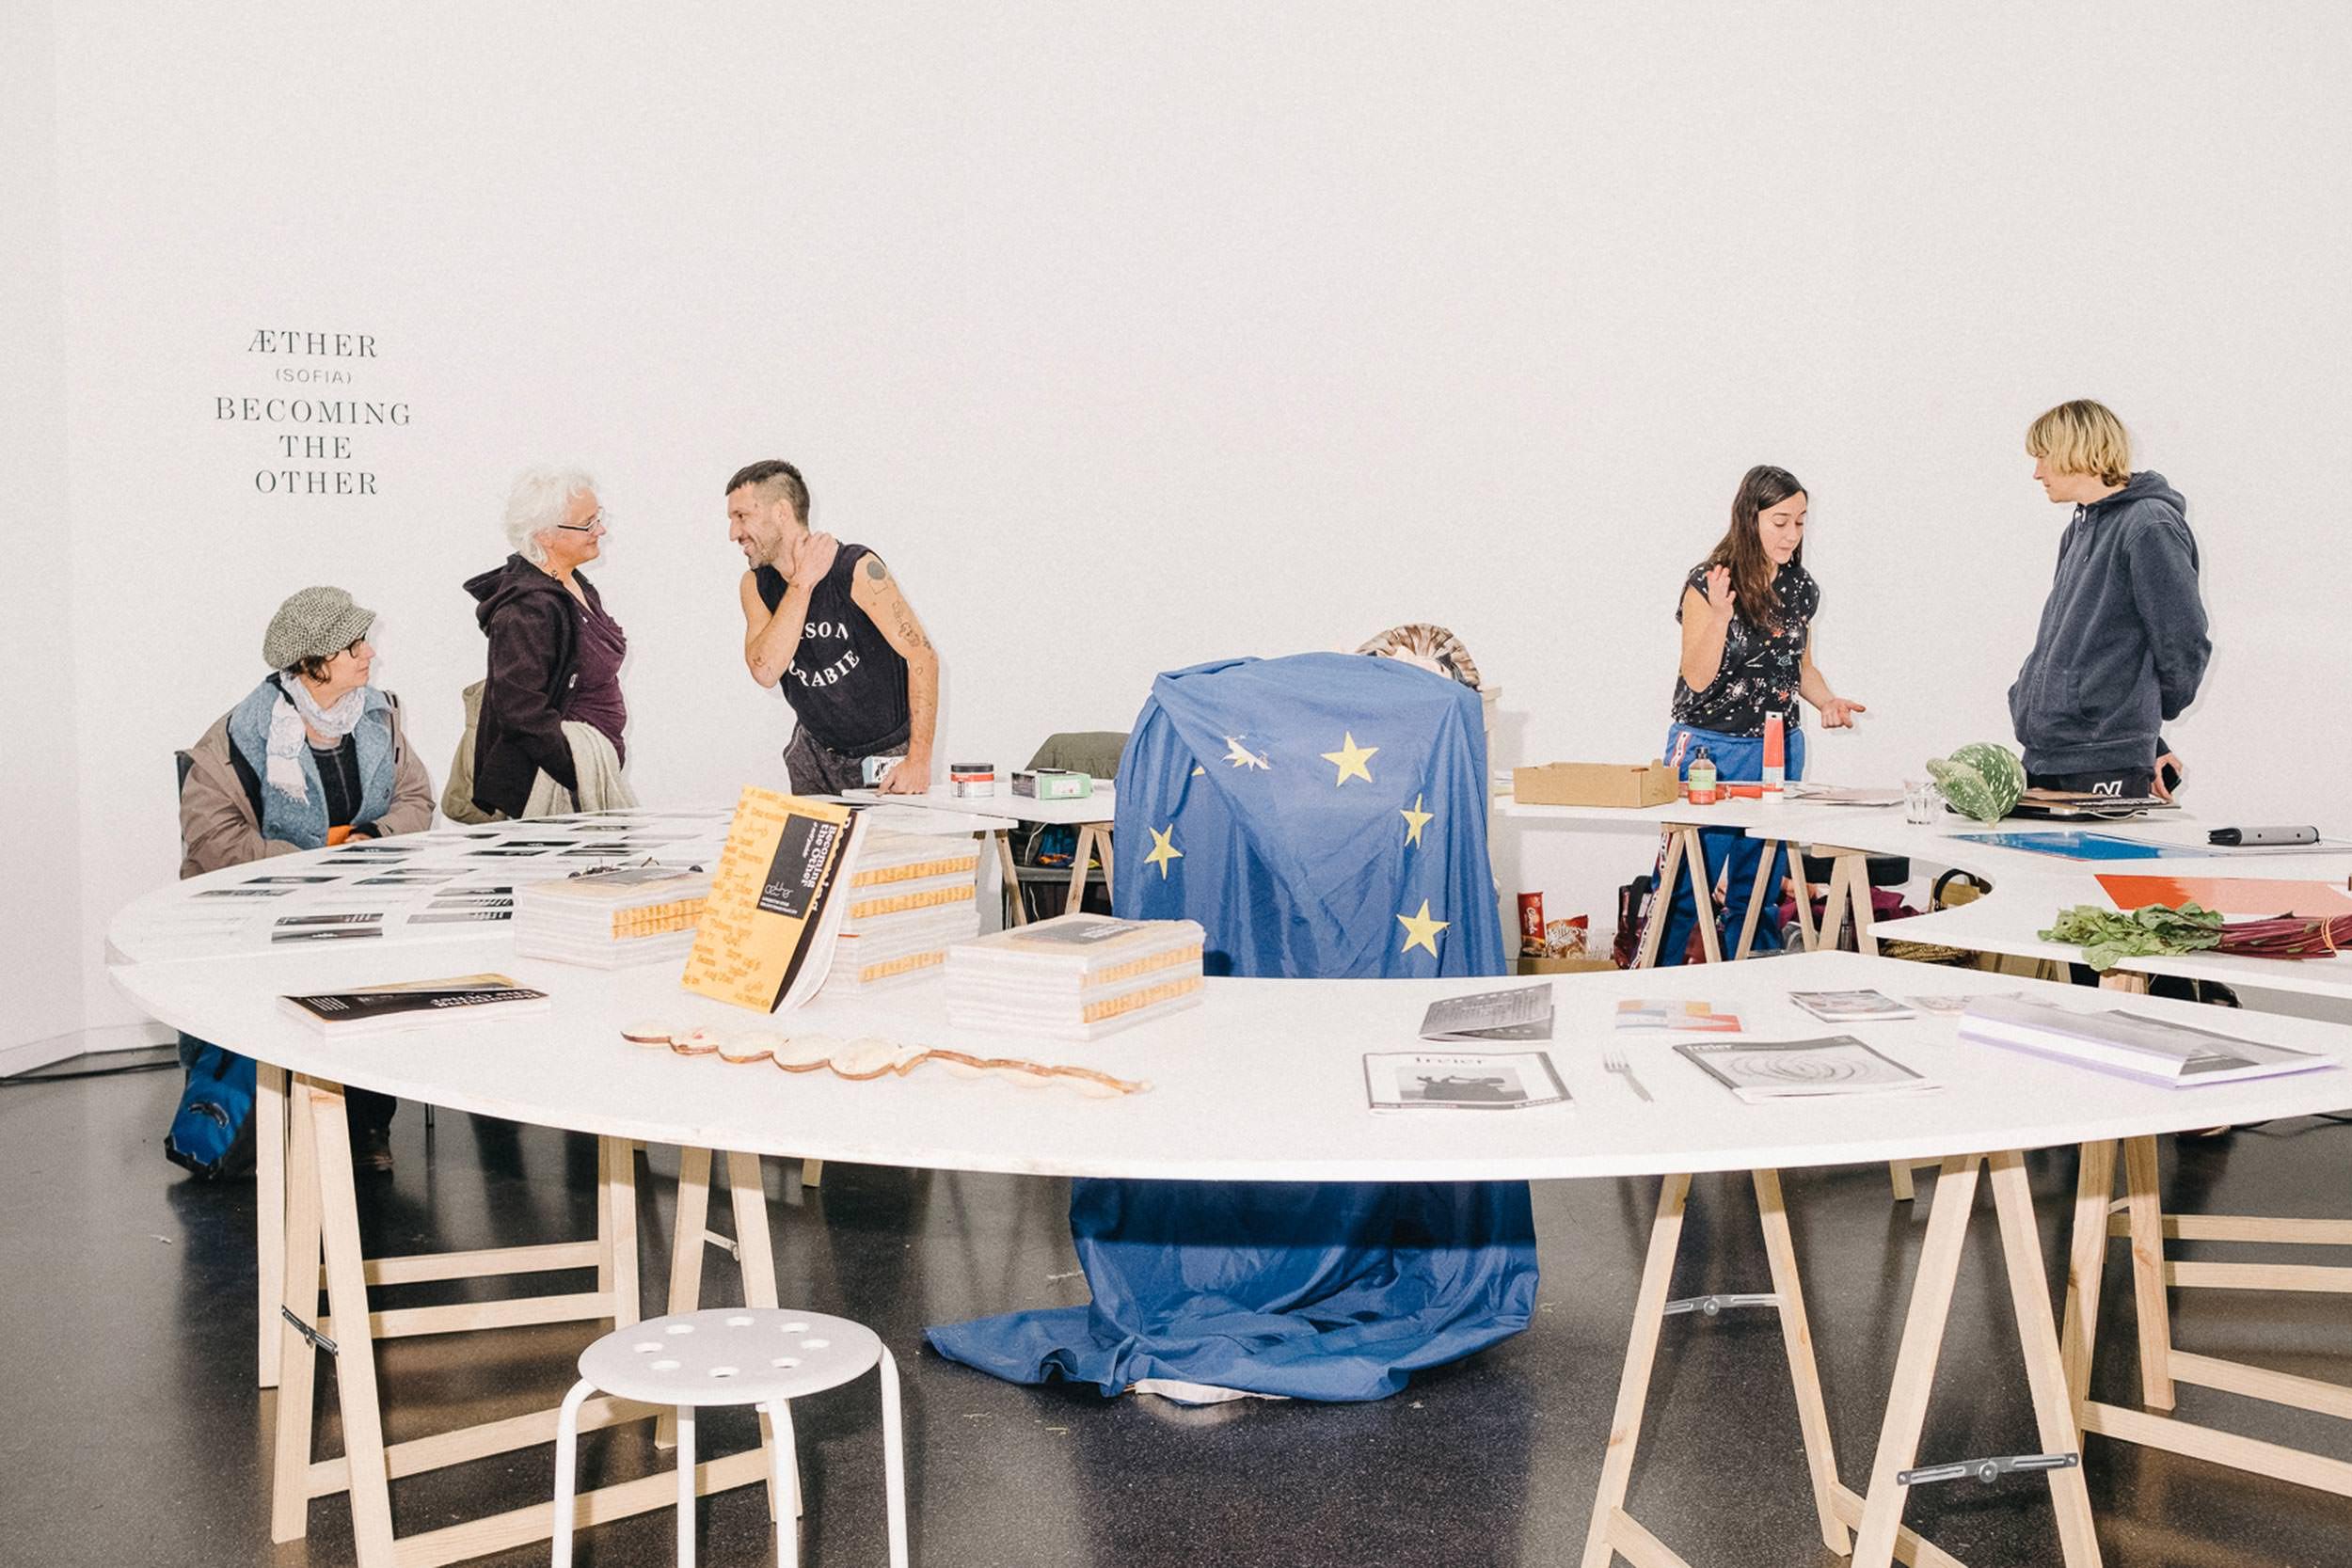 Die Ausstellung wurde auch mit der Kunst-Initiative Aether aus Sofia gestaltet.